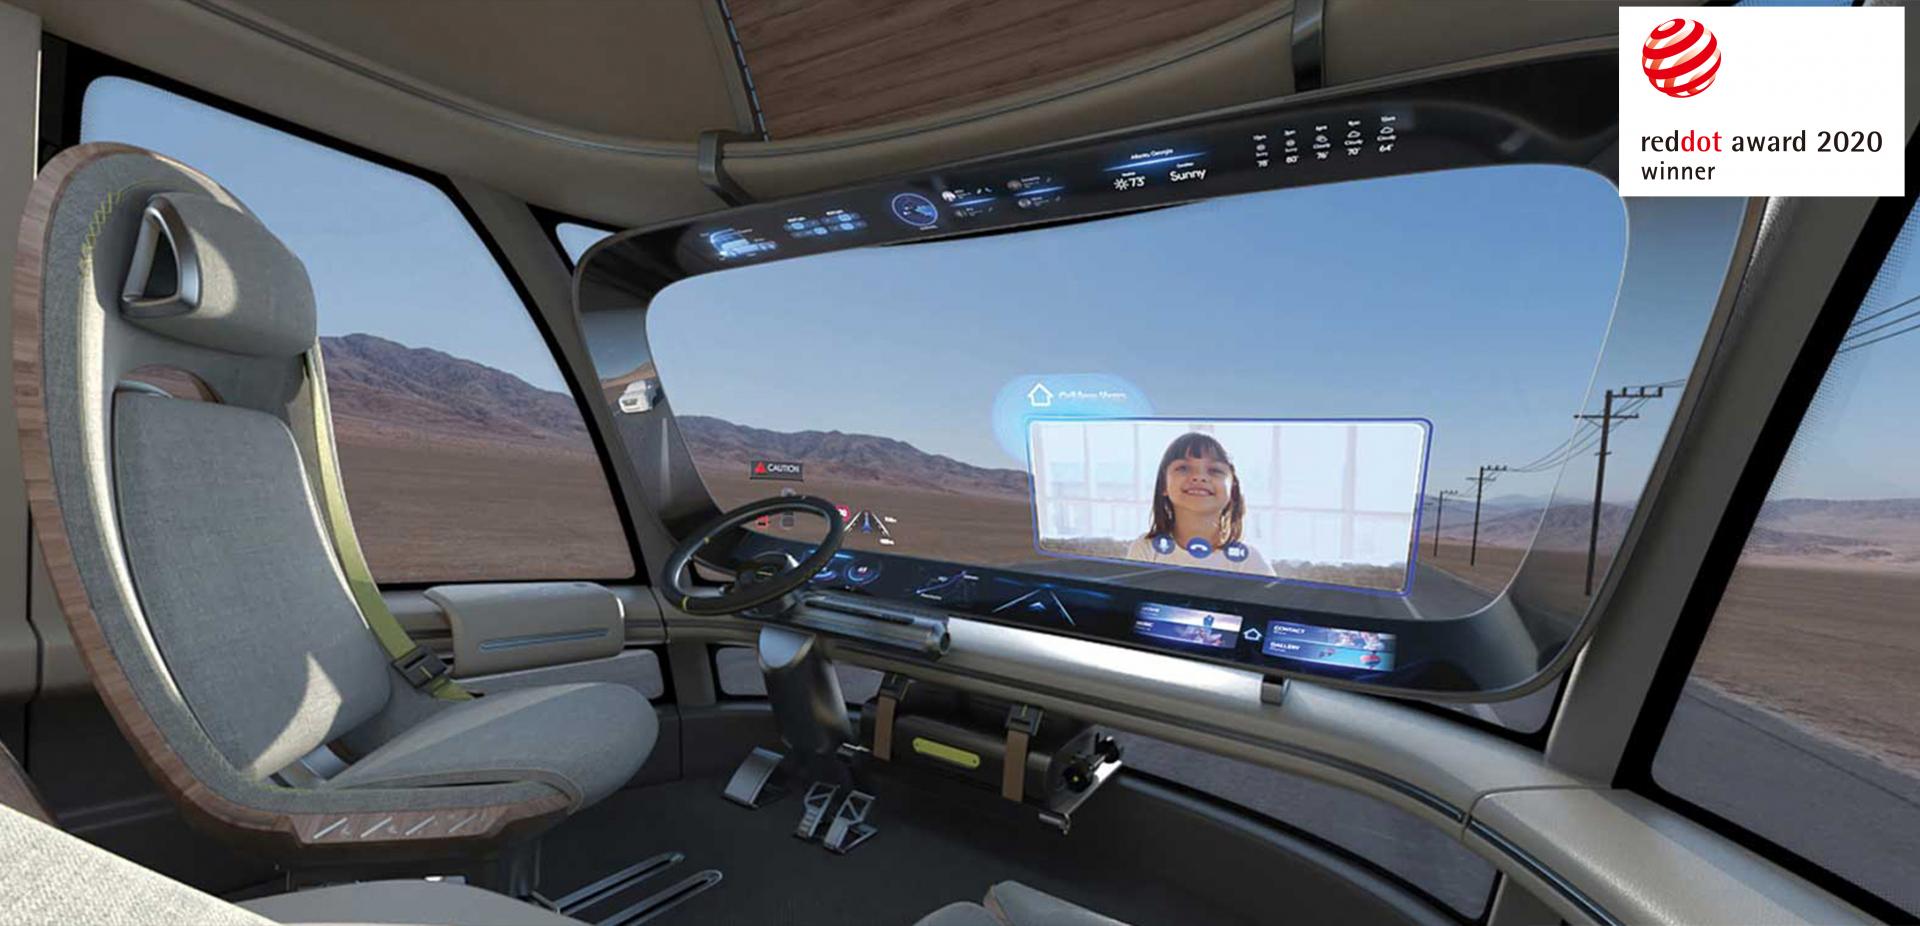 Компанія Hyundai Motor отримала три нагороди Red Dot Award 2020 за концептуальний дизайн   Автопалац Тернопіль - фото 12